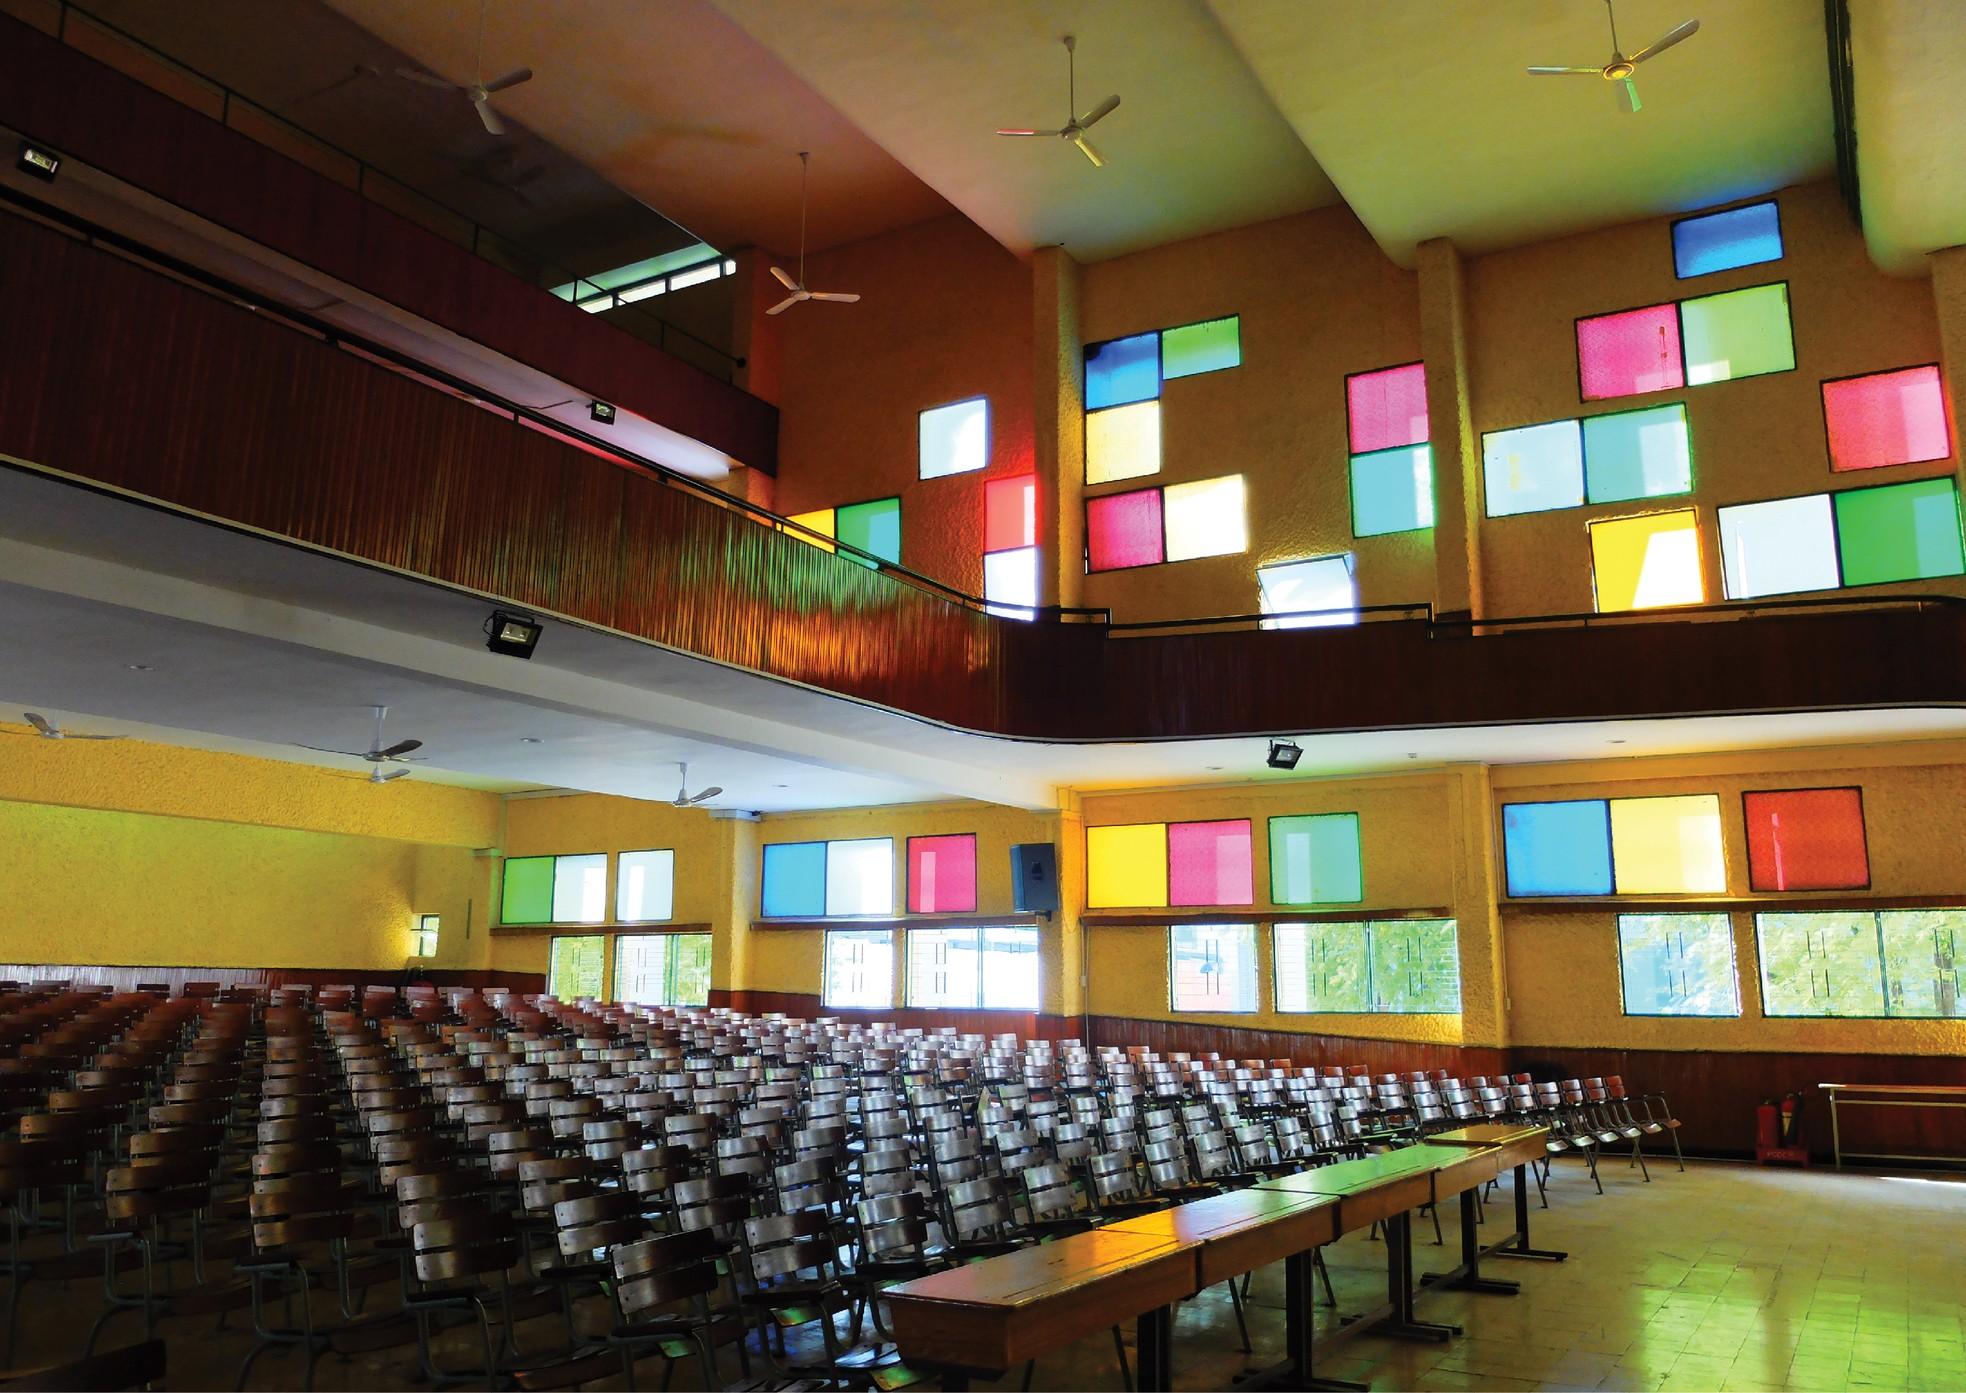 Ngôi trường trong mơ: Những ô cửa sổ sắc màu của trường THPT Chuyên Trần Đại Nghĩa ảnh 13